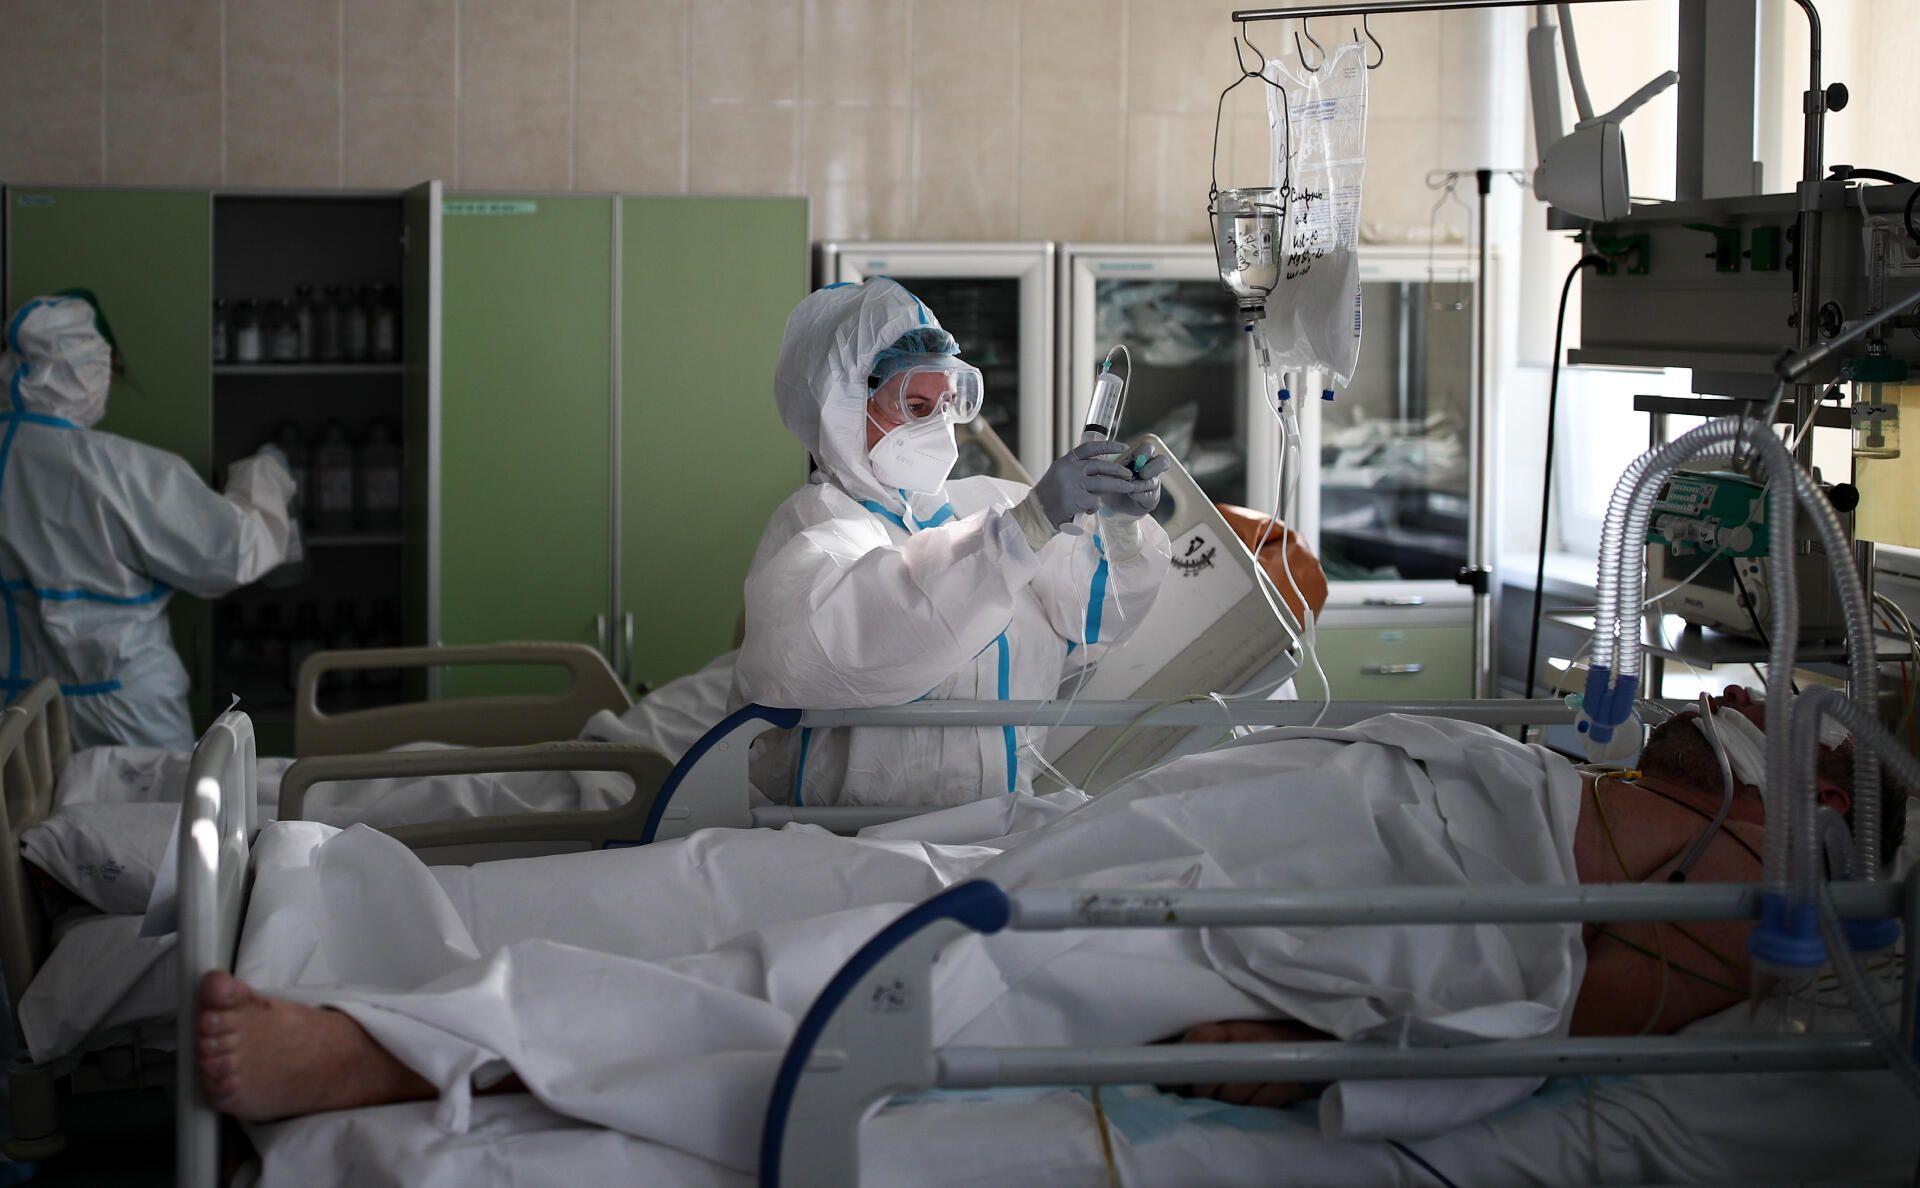 У пациентов с коронавирусом в первые две недели значительно возрастает риск инфаркта и инсульта, — швейцарские ученые